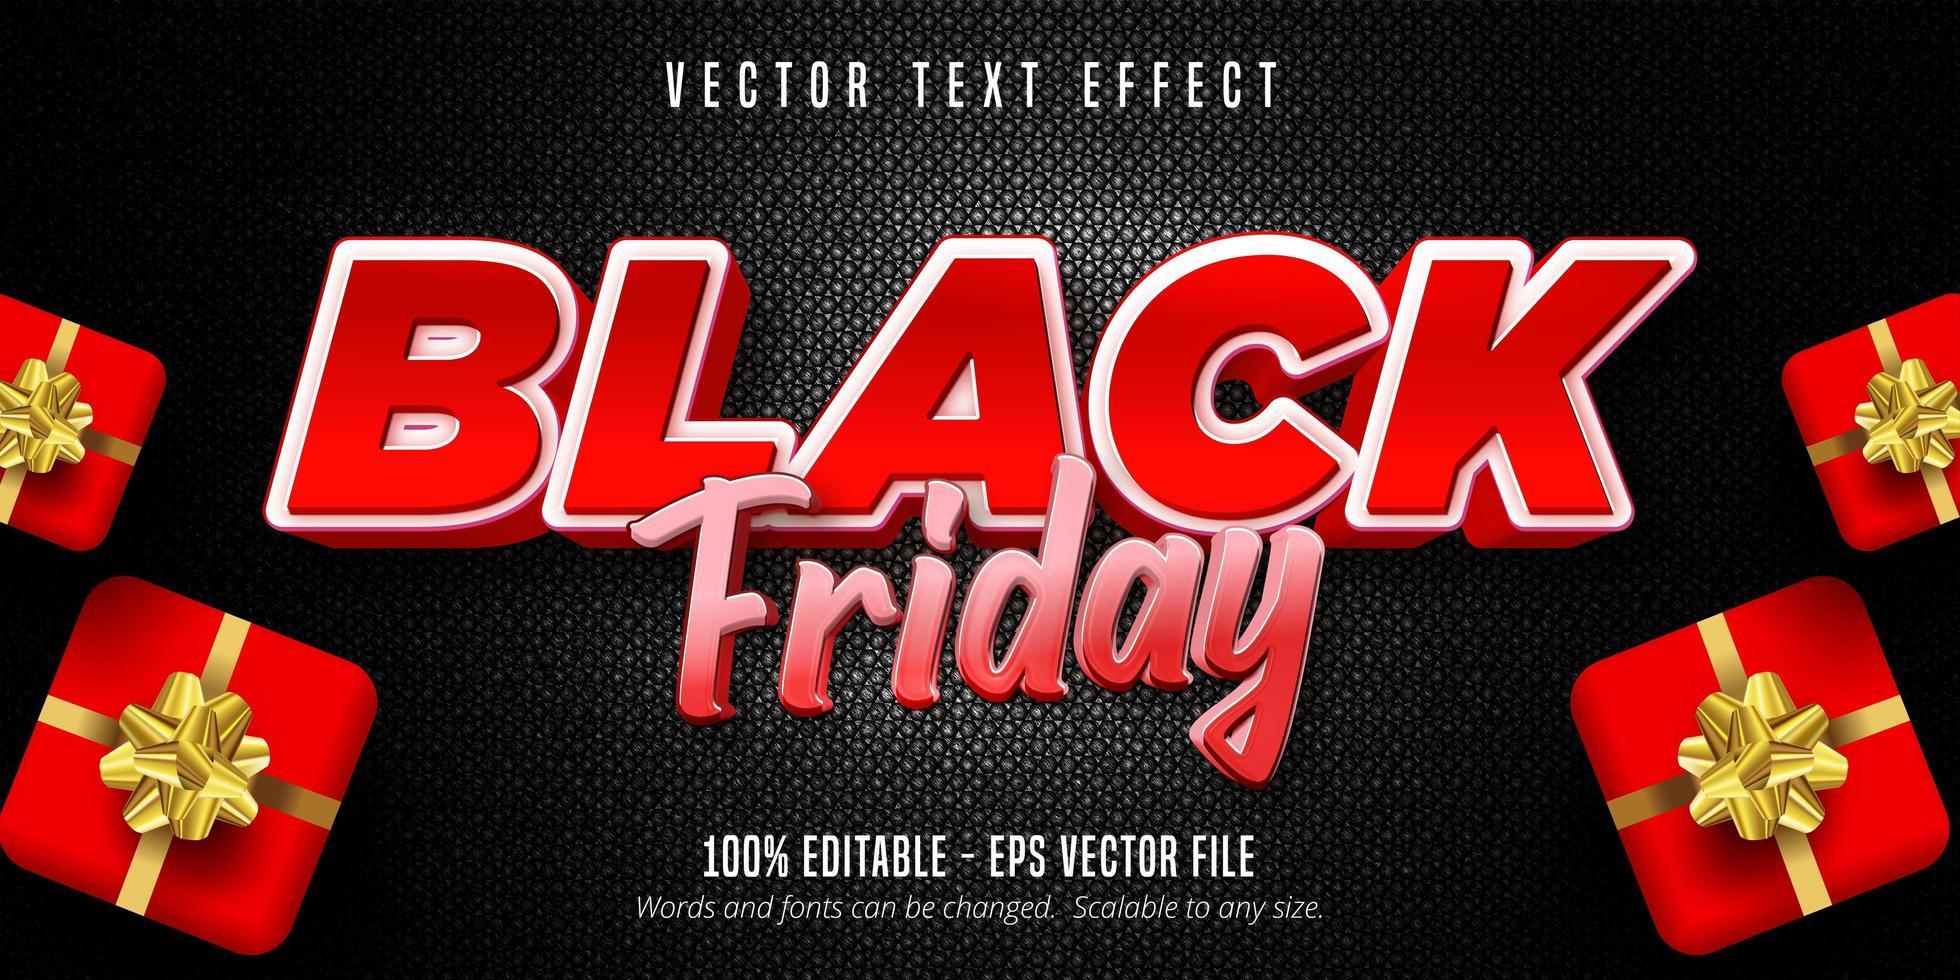 röd och vit svart fredag redigerbar texteffekt vektor